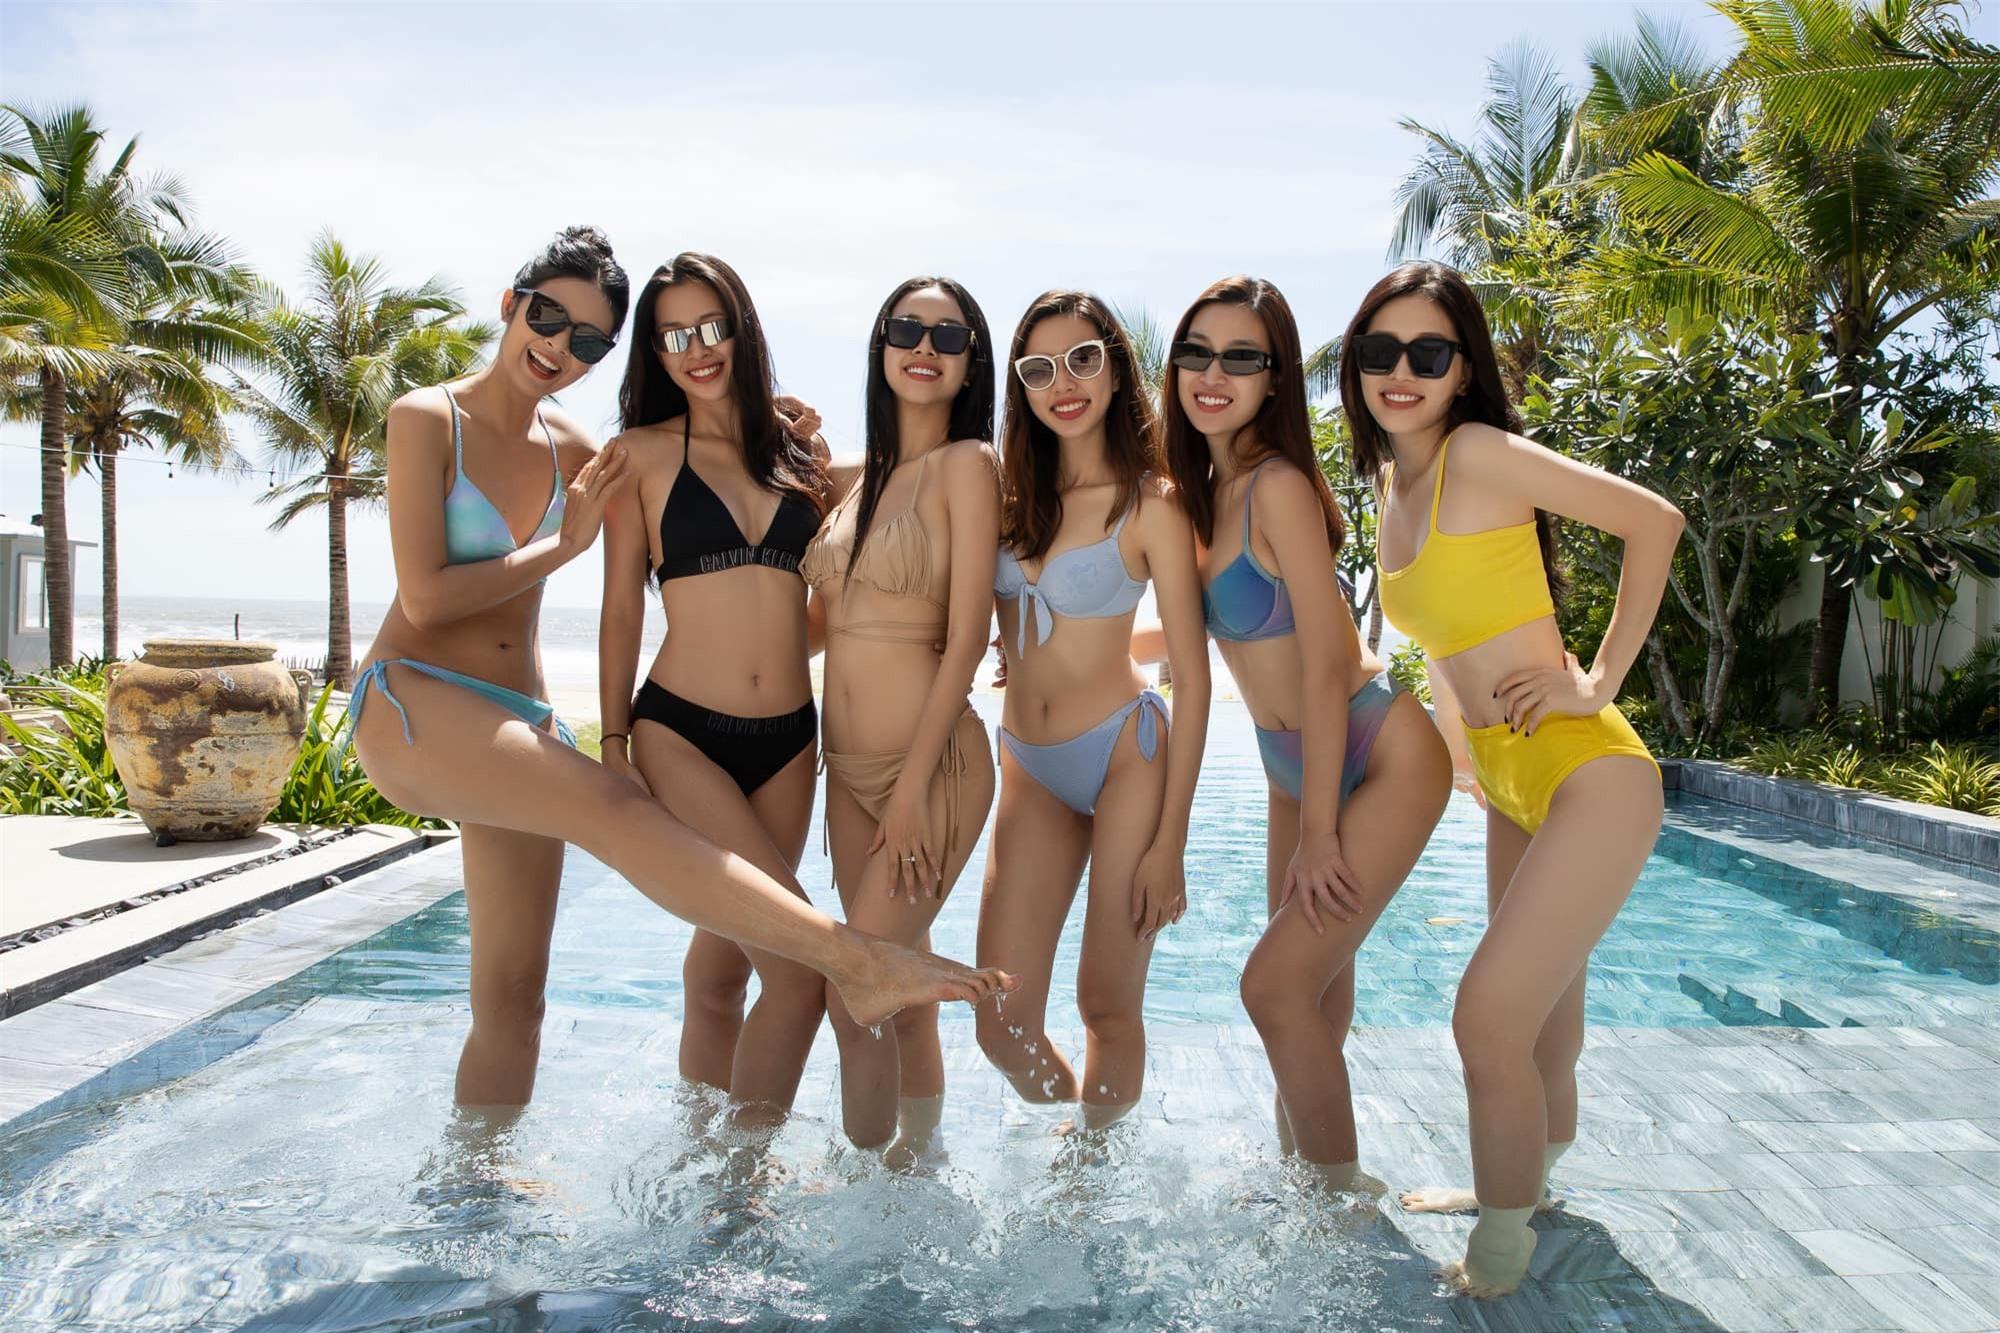 Hoa hậu Trần Tiểu Vy bật mí mẫu bạn trai lý tưởng và kế hoạch kết hôn ảnh 5